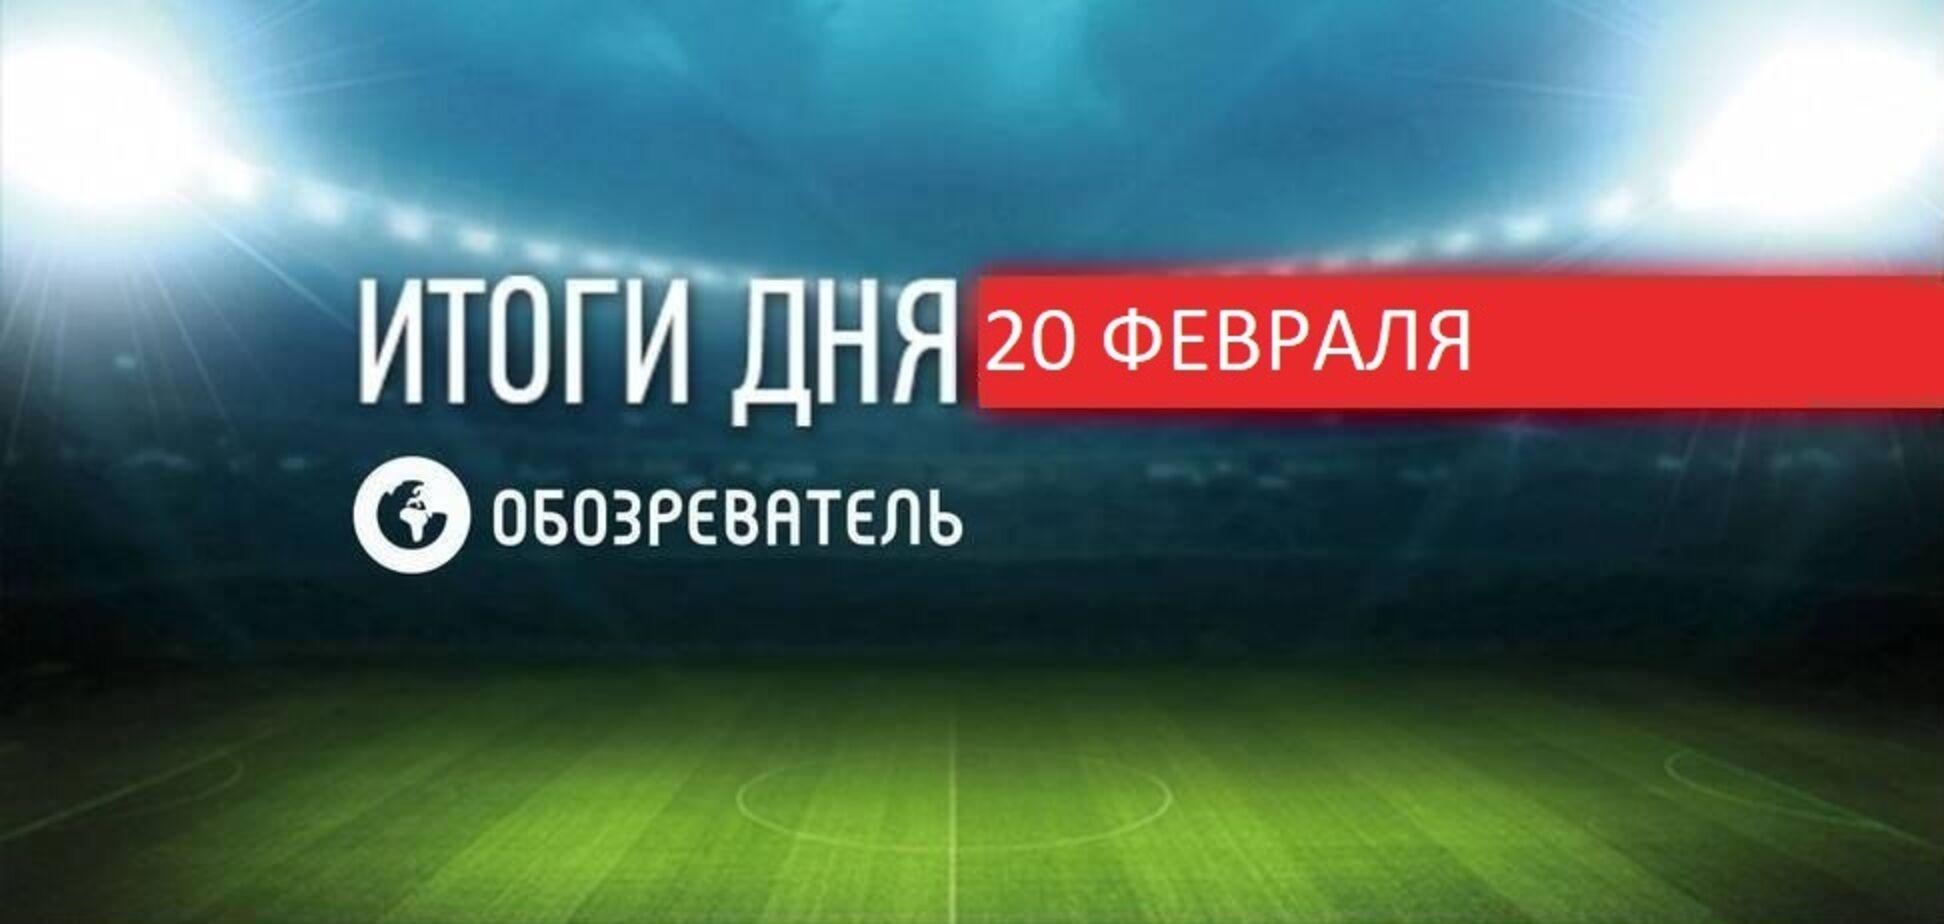 Тренеру УПЛ дали жовту картку за вимогу говорити українською: спортивні підсумки 21 лютого